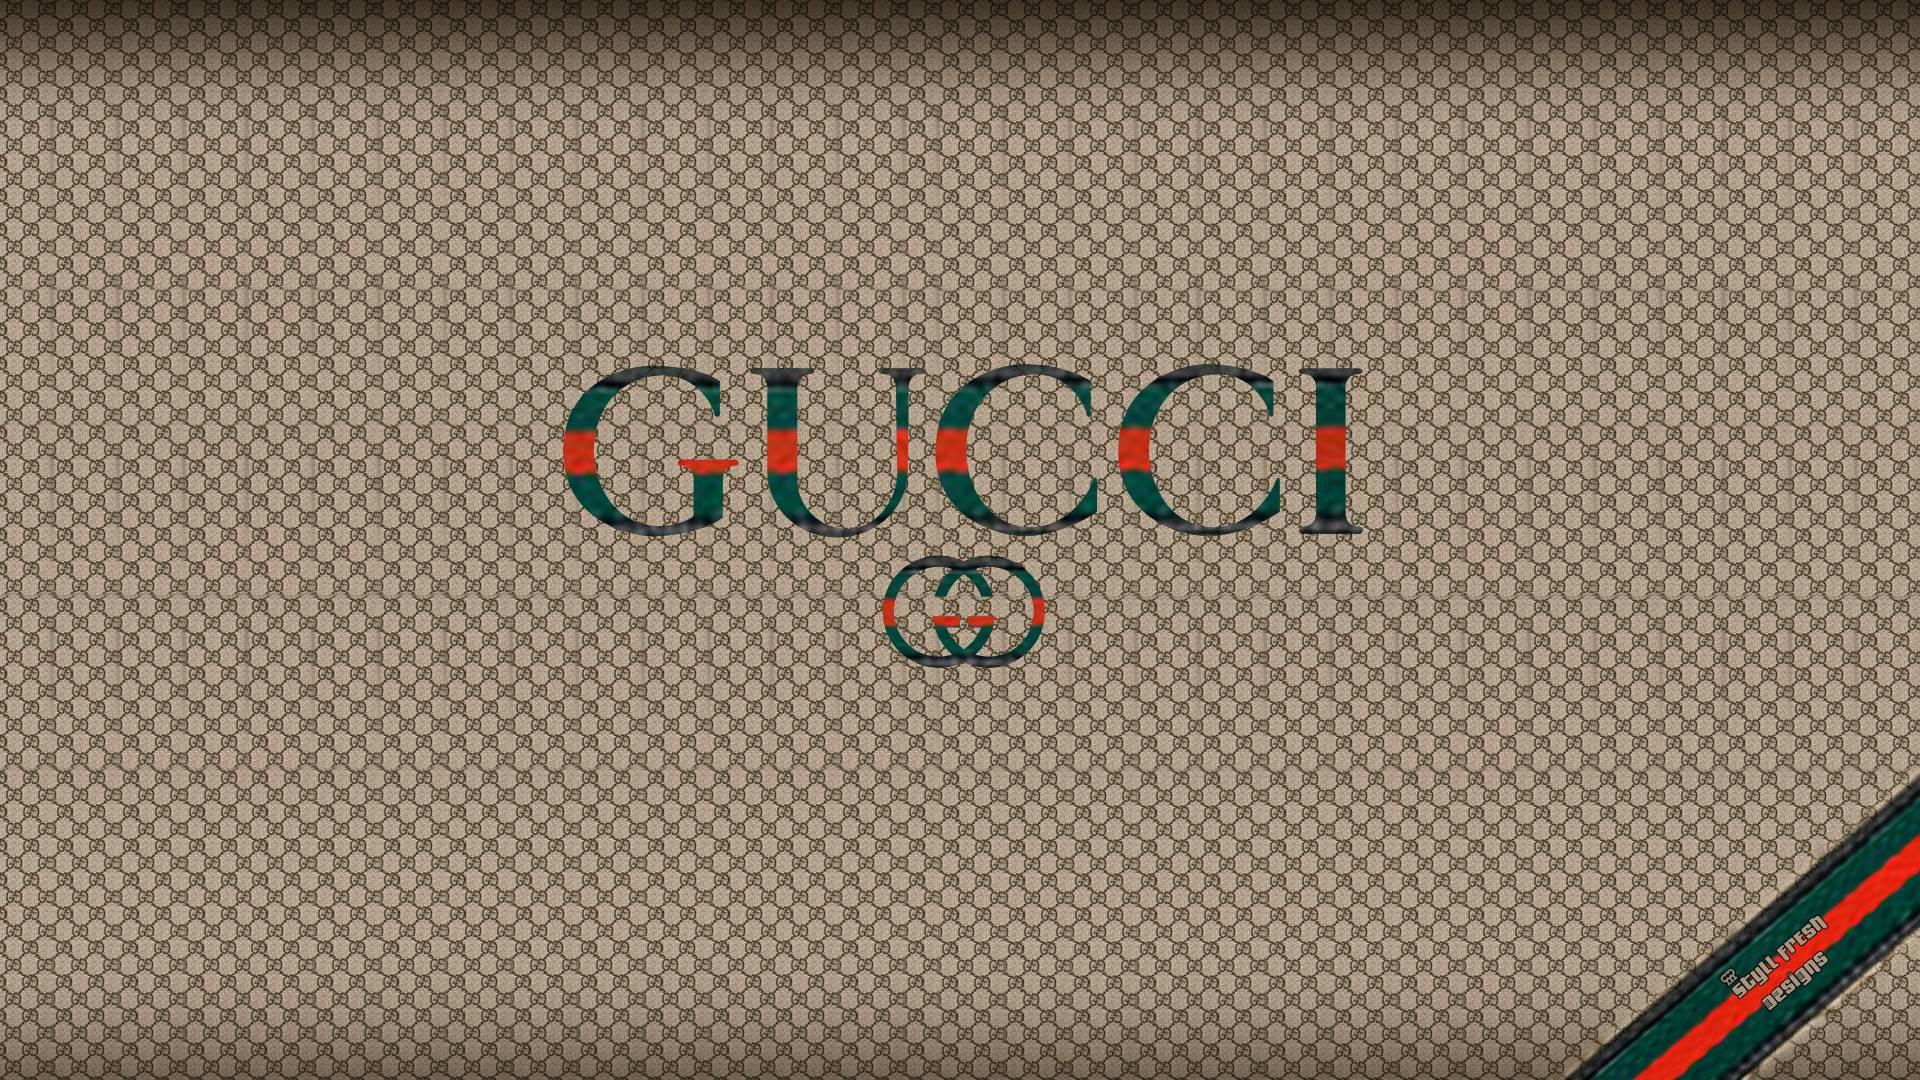 gucci skin minecraft download